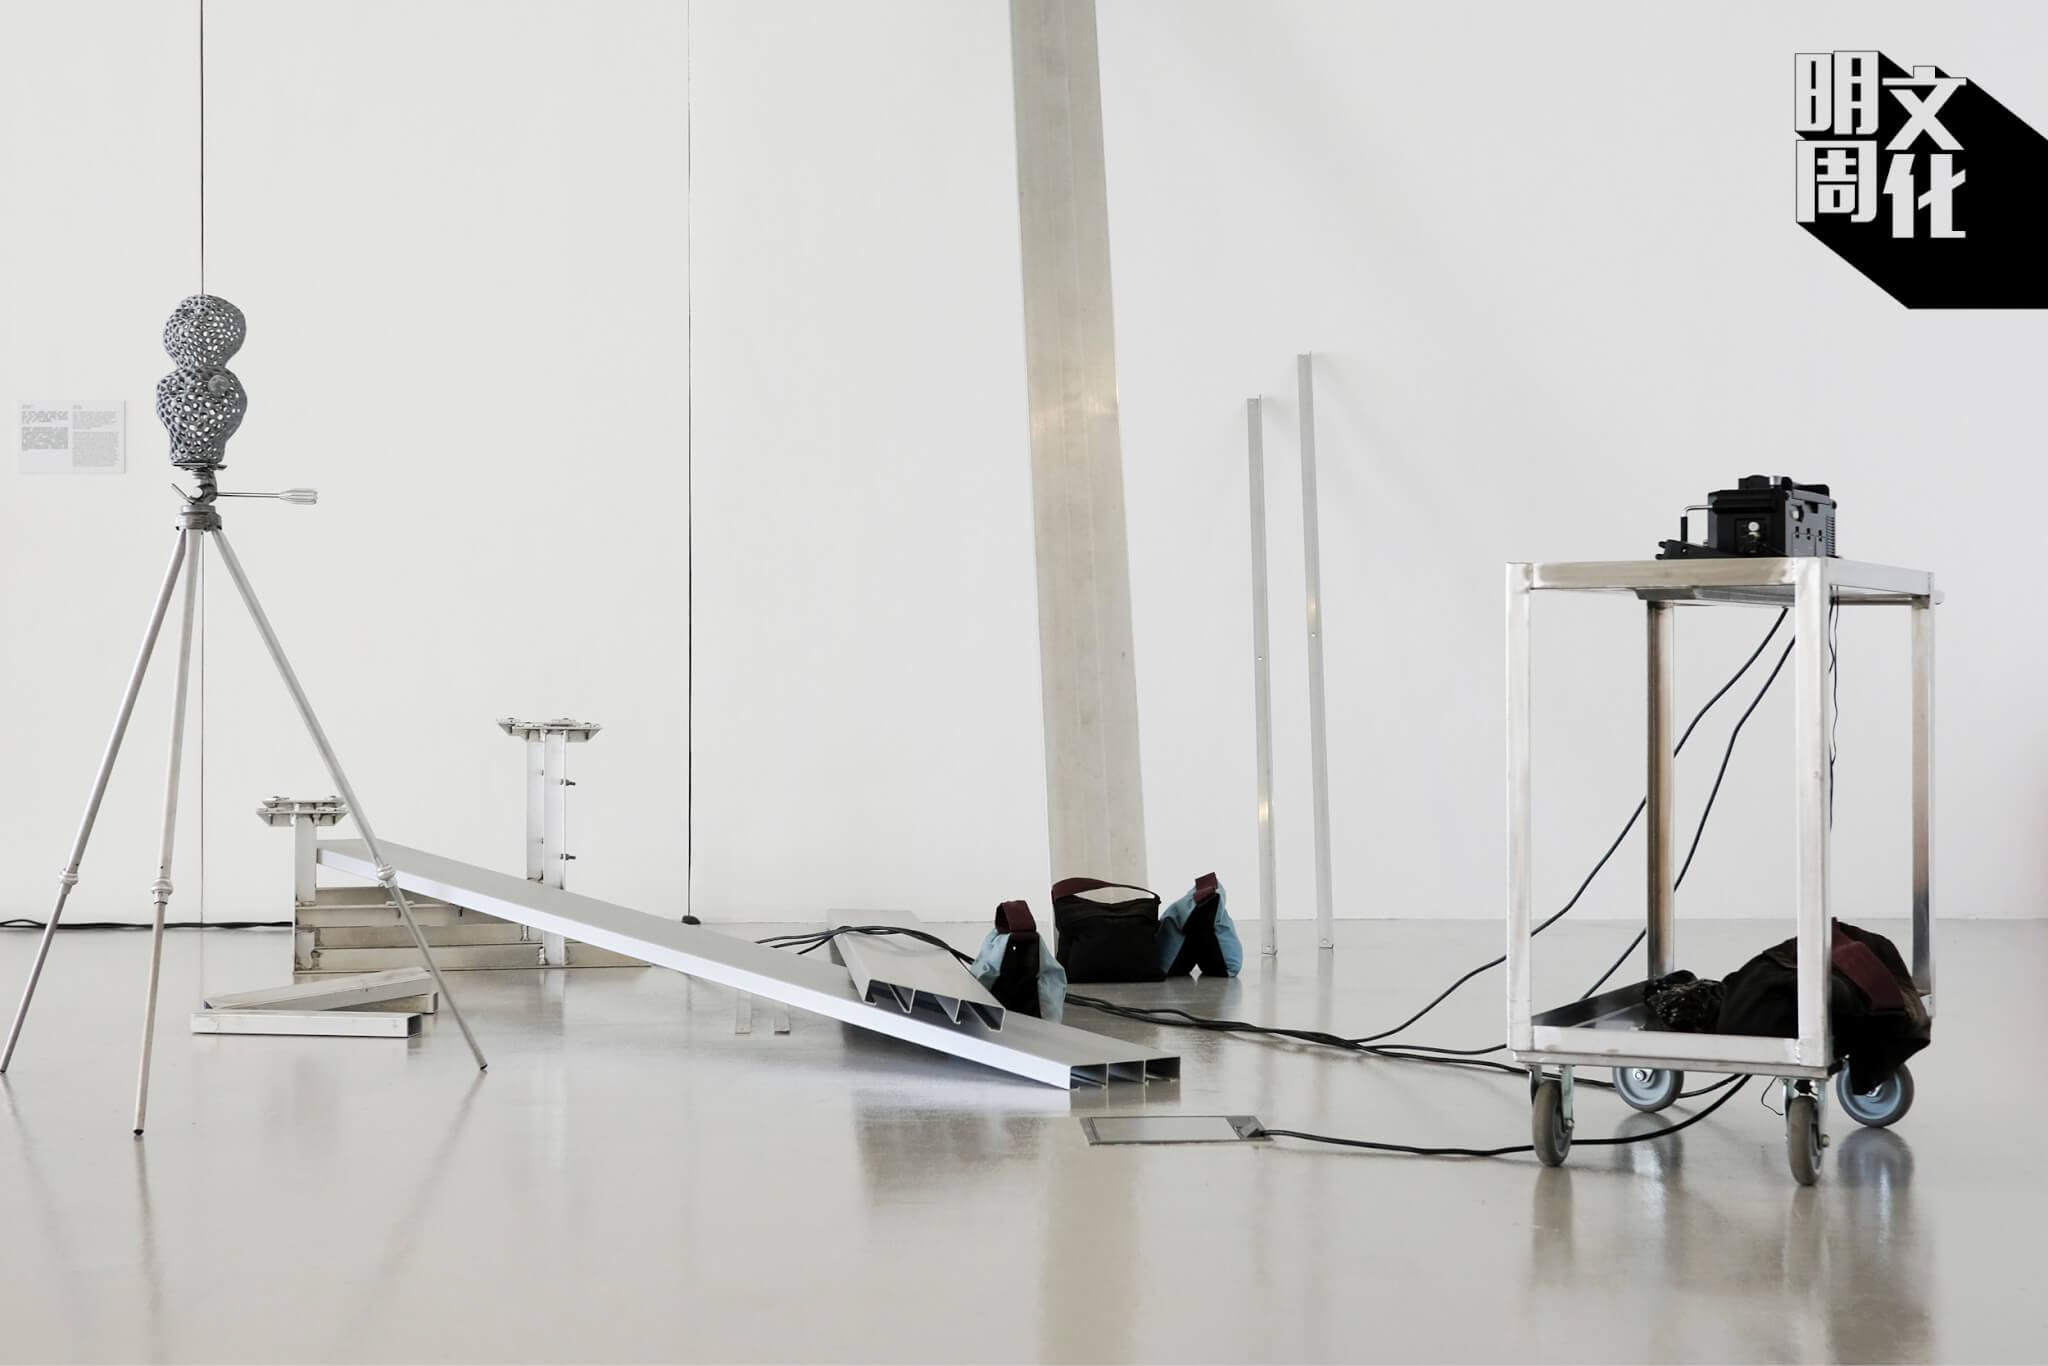 謝淑妮透過《Playcourt》中的無線電設備,反思公共空間的自由度。